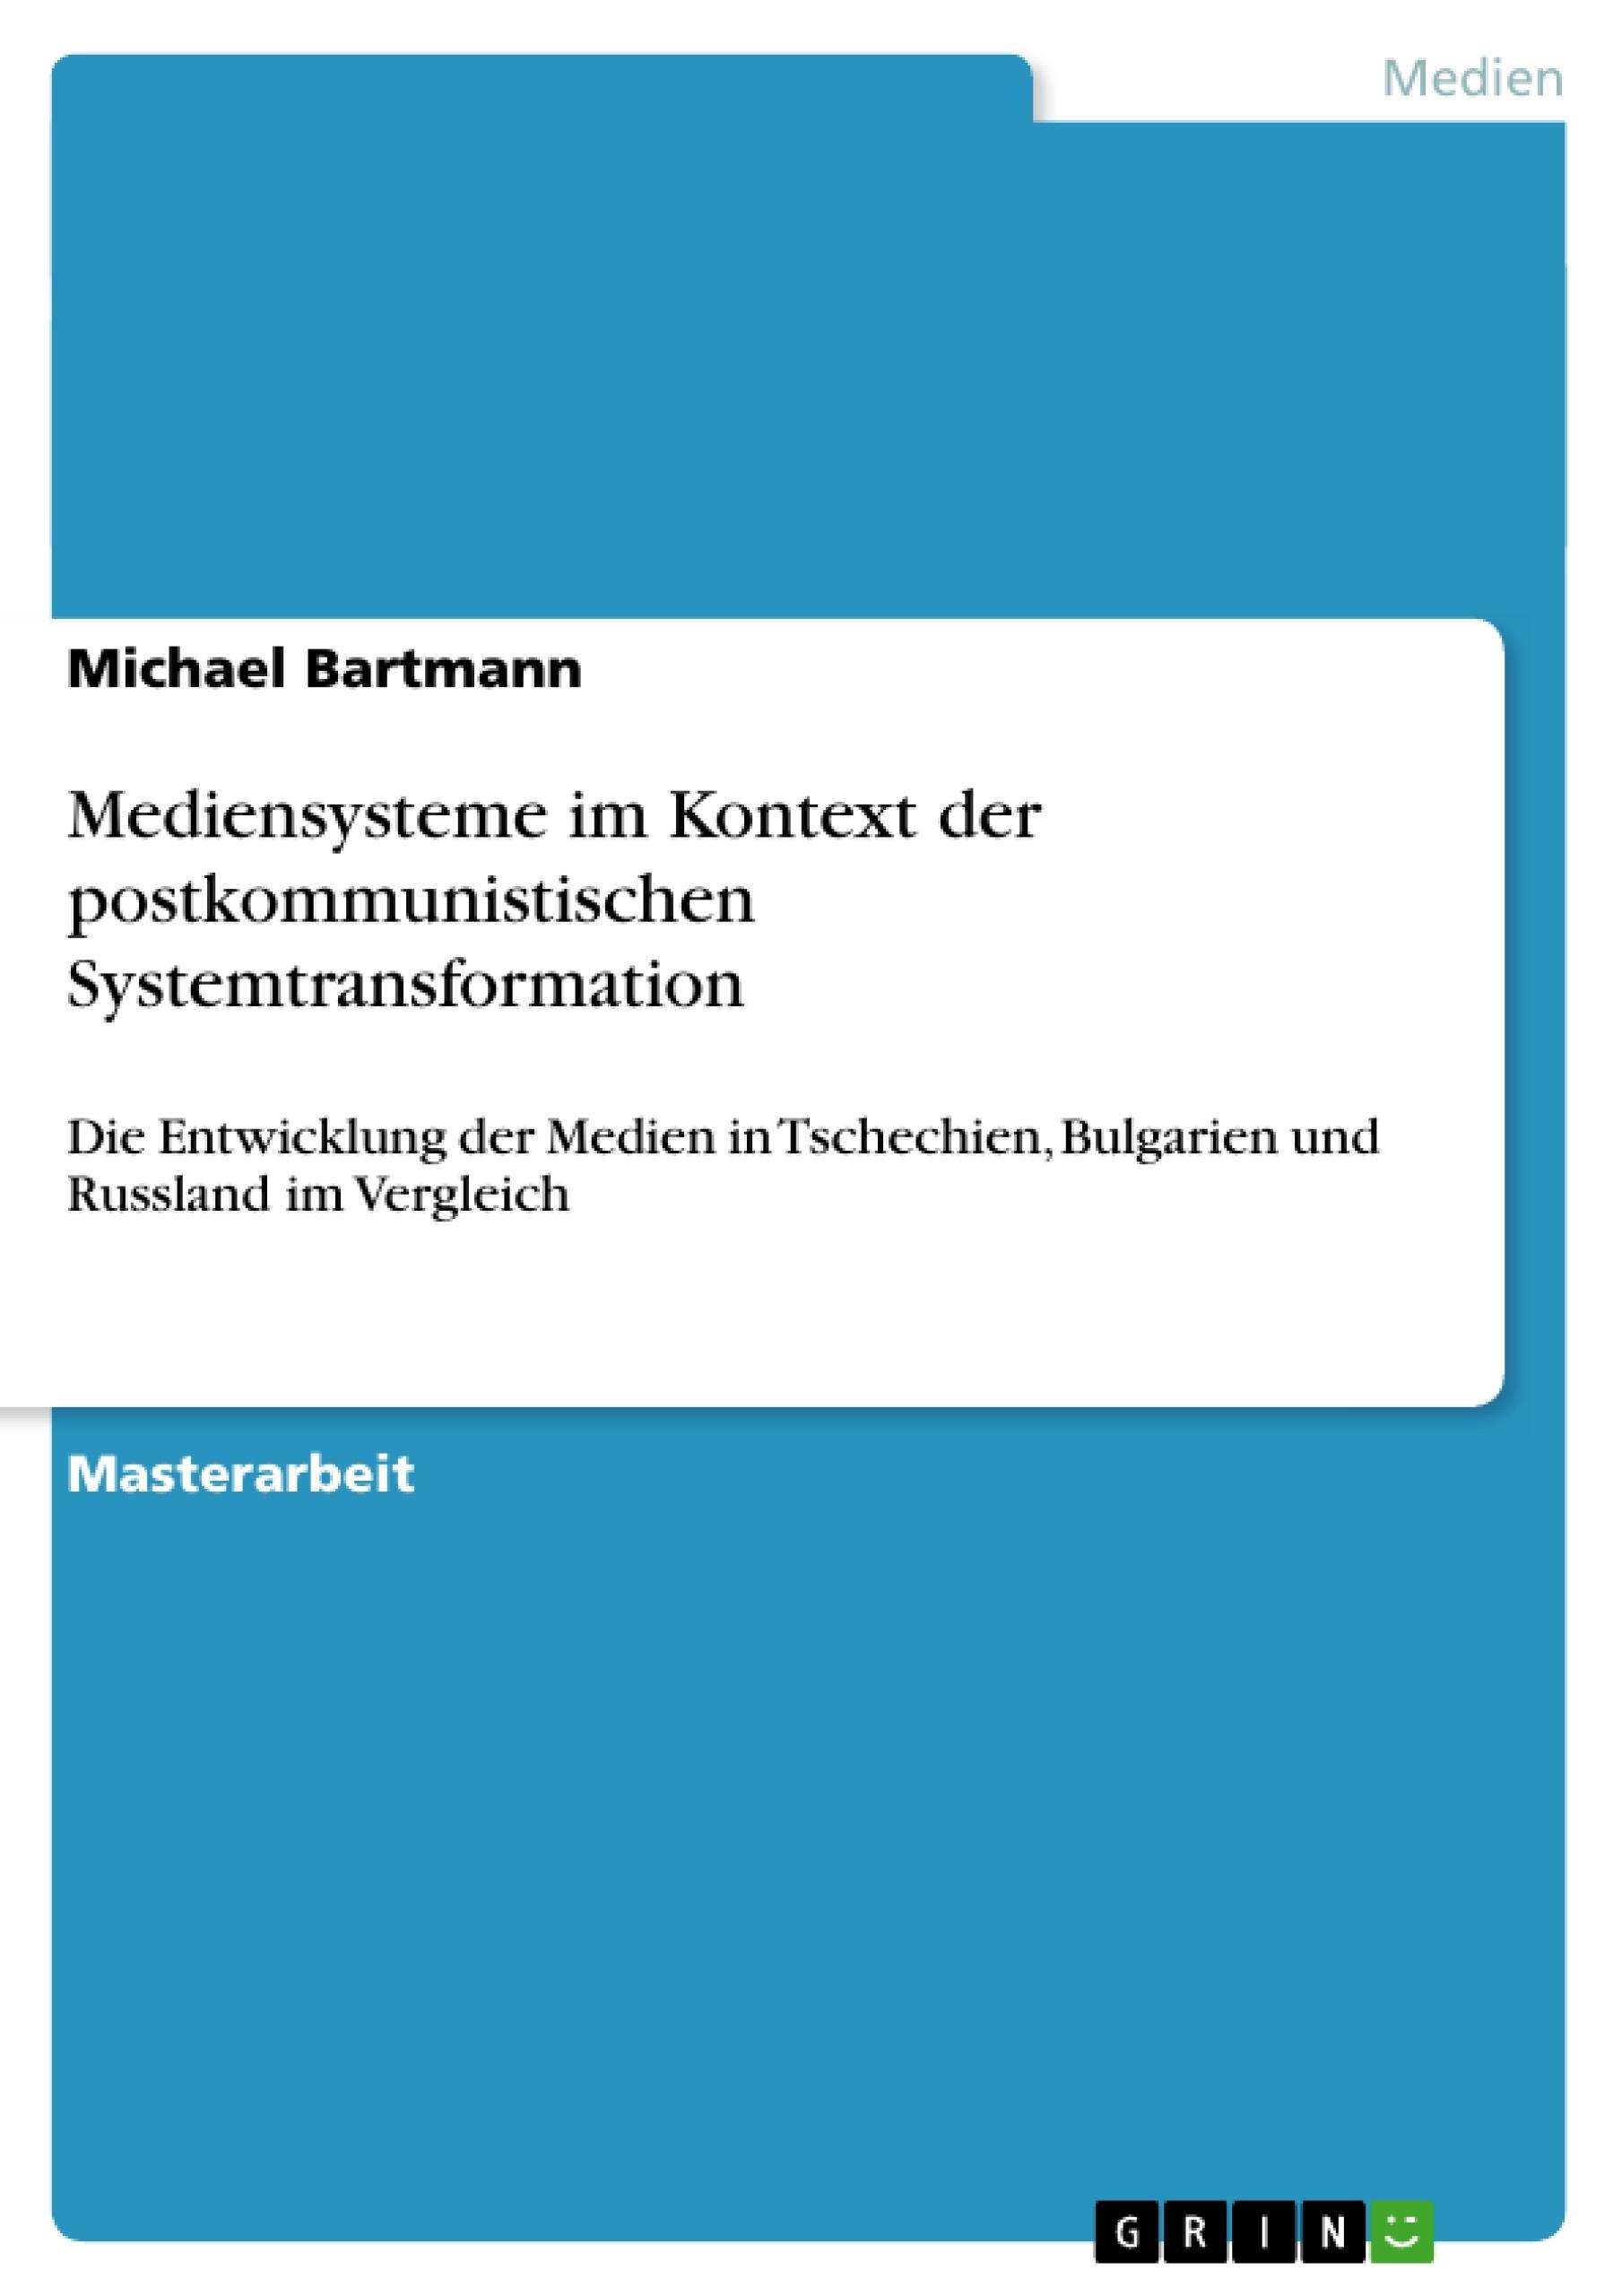 Titel: Mediensysteme im Kontext der postkommunistischen Systemtransformation